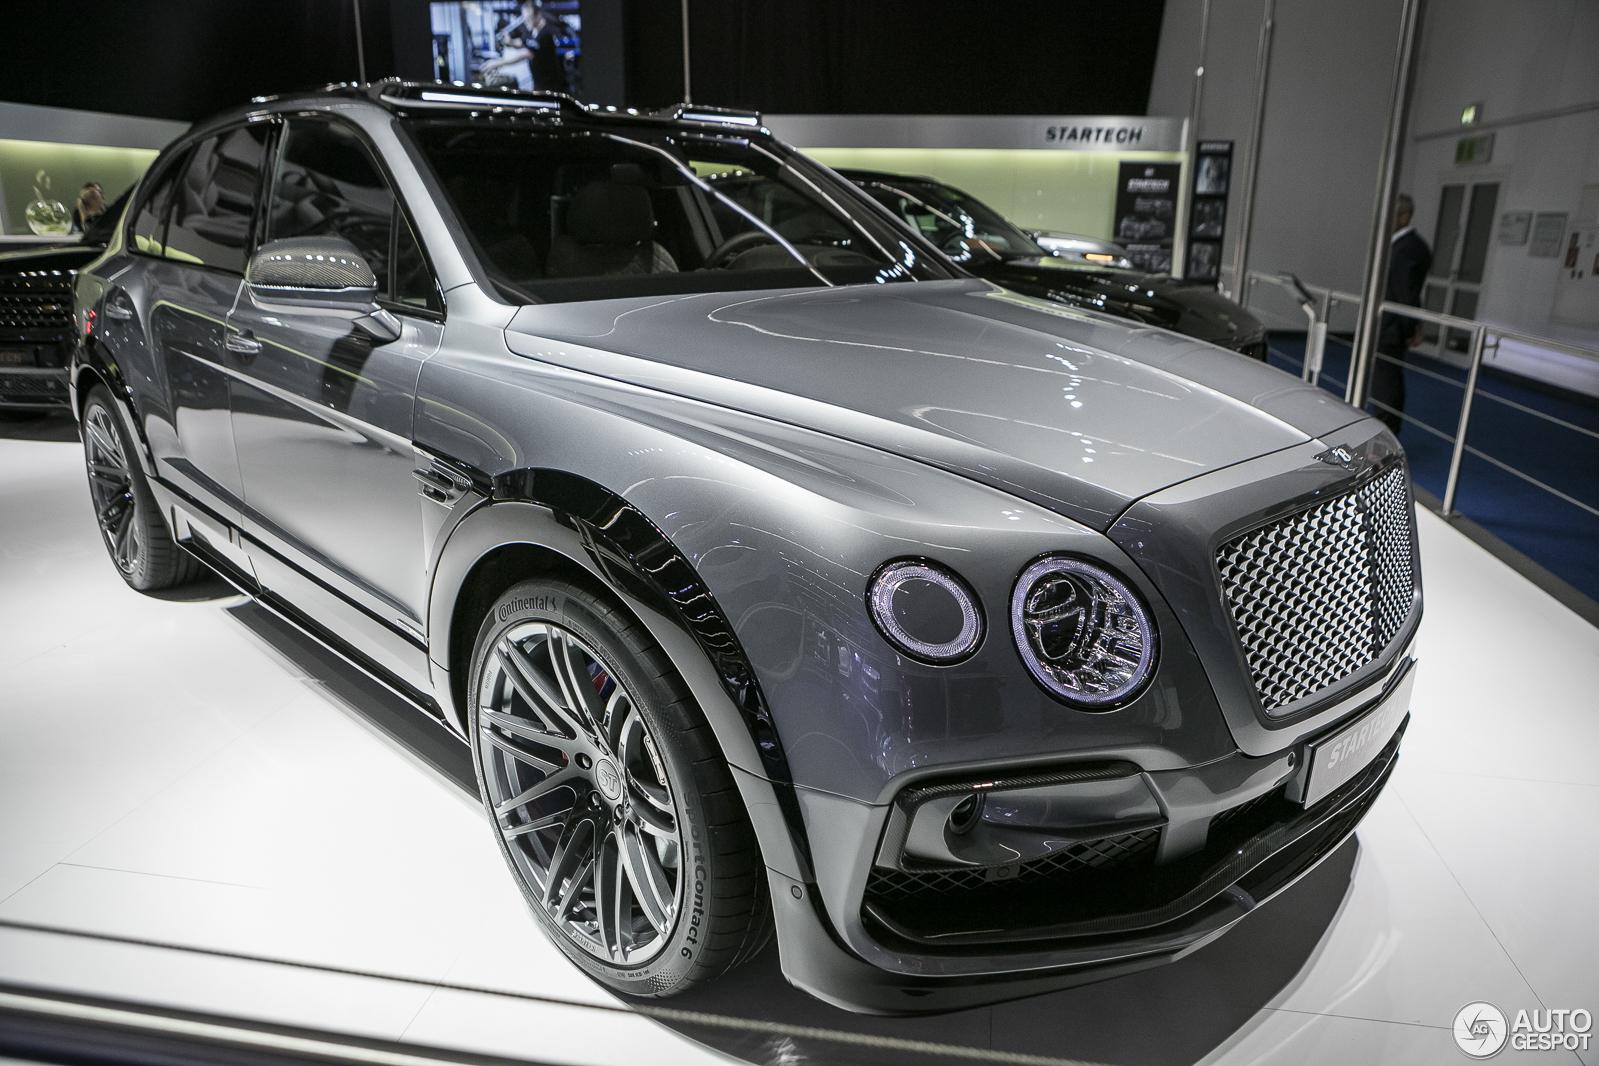 IAA 2017: Bentley Bentayga Startech